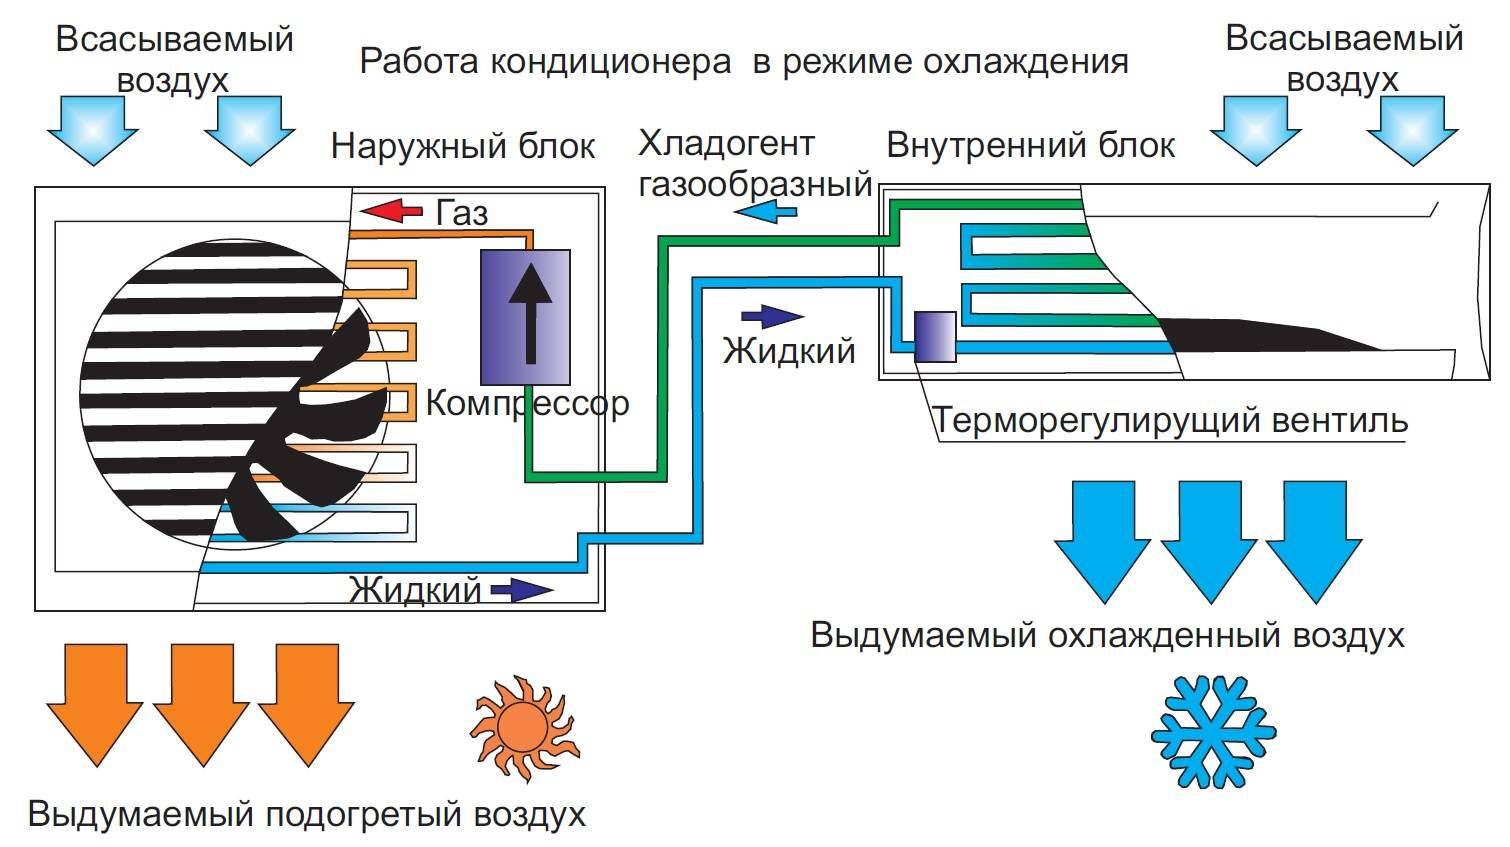 Как работает кондиционер в квартире: основы и принципы, составляющие техники, инструкция по охлаждению и нагревы воздуха